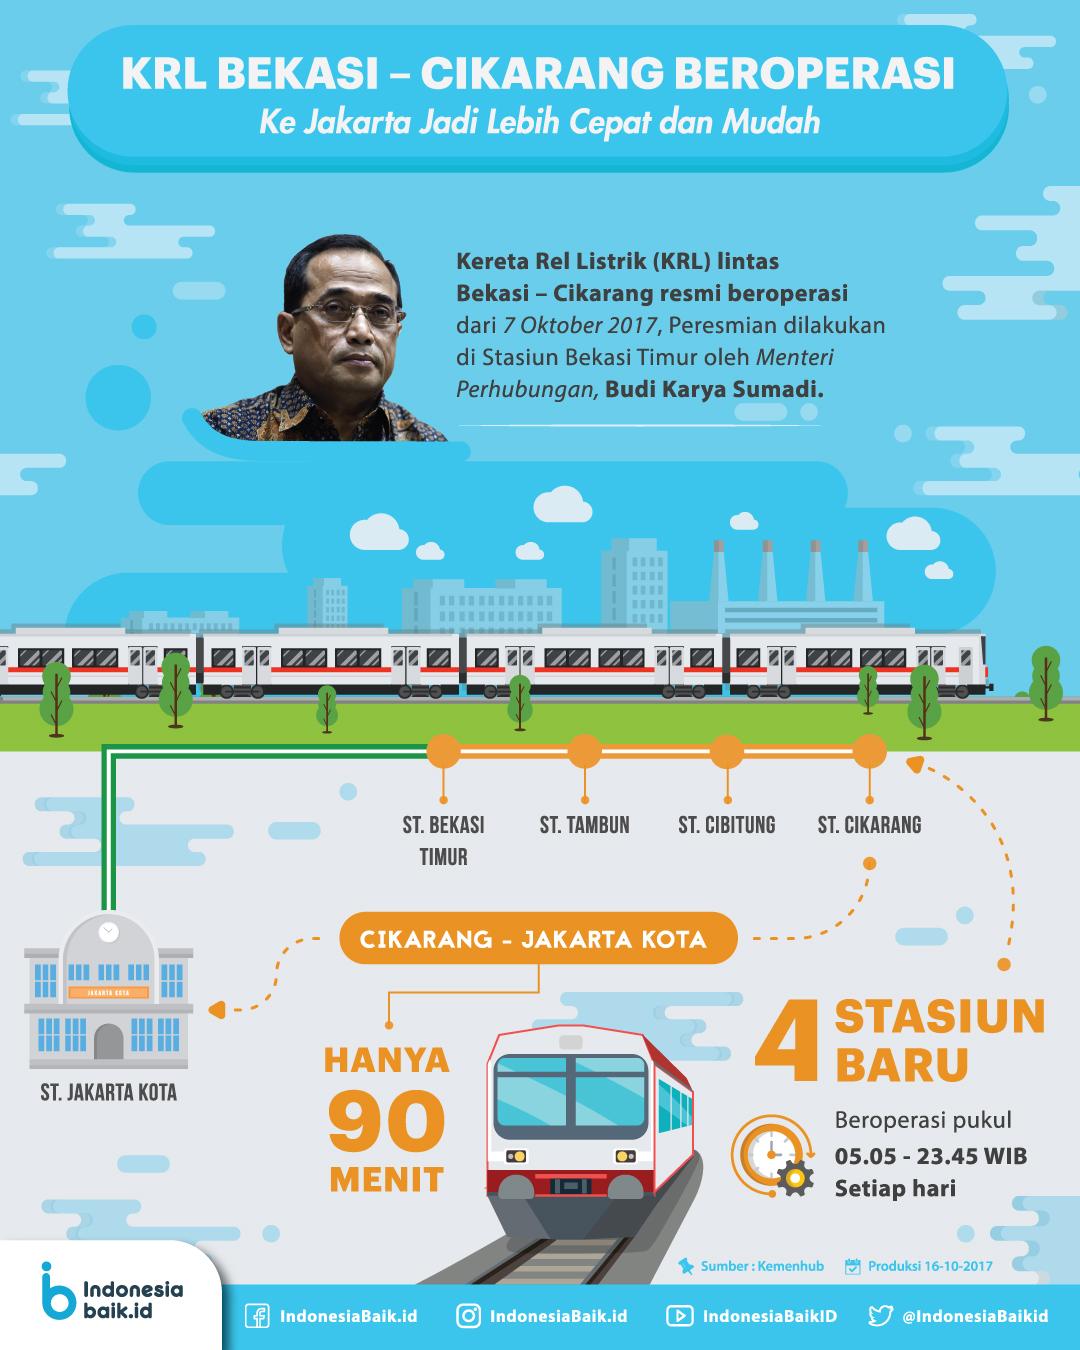 KRL Bekasi-Cikarang Beroperasi ke Jakarta Jadi Lebih Cepat dan Mudah